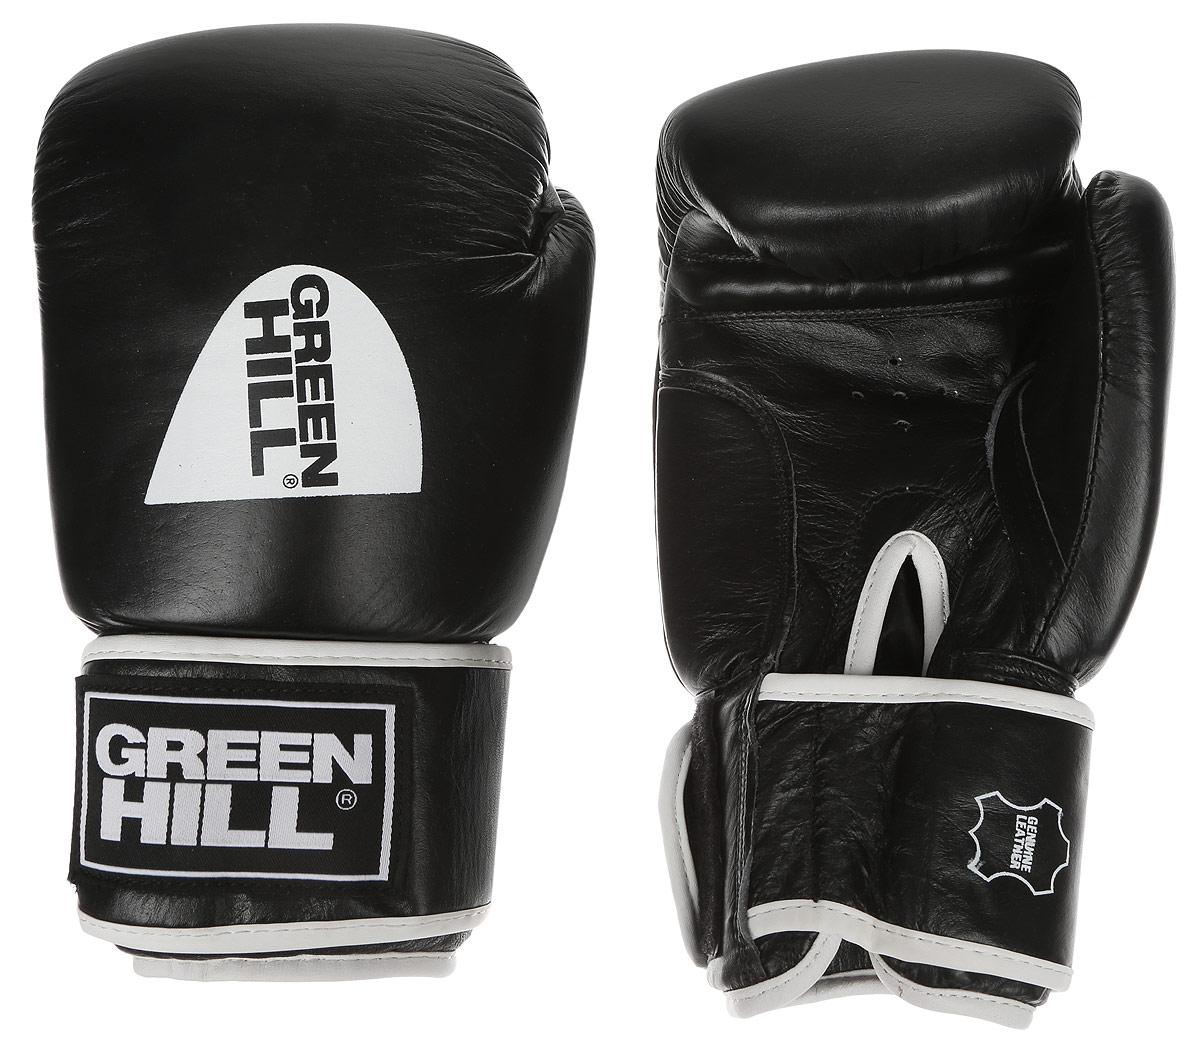 Перчатки боксерские Green Hill Gym, цвет: черный, белый. Вес 10 унцийAIRWHEEL Q3-340WH-BLACKБоксерские перчатки Green Hill Gym подходят для всех видов единоборств где применяют перчатки. Подойдет как для бокса, так и для кикбоксинга. Новички и профессионалы высоко ценят эту модель за универсальность. Верхняя часть перчатки выполнена из натуральной кожи, наполнитель - пенополиуретан. Перфорированная поверхность в области ладони позволяет создать максимально комфортный терморежим во время занятий. Закрепляется на руке при помощи липучки.